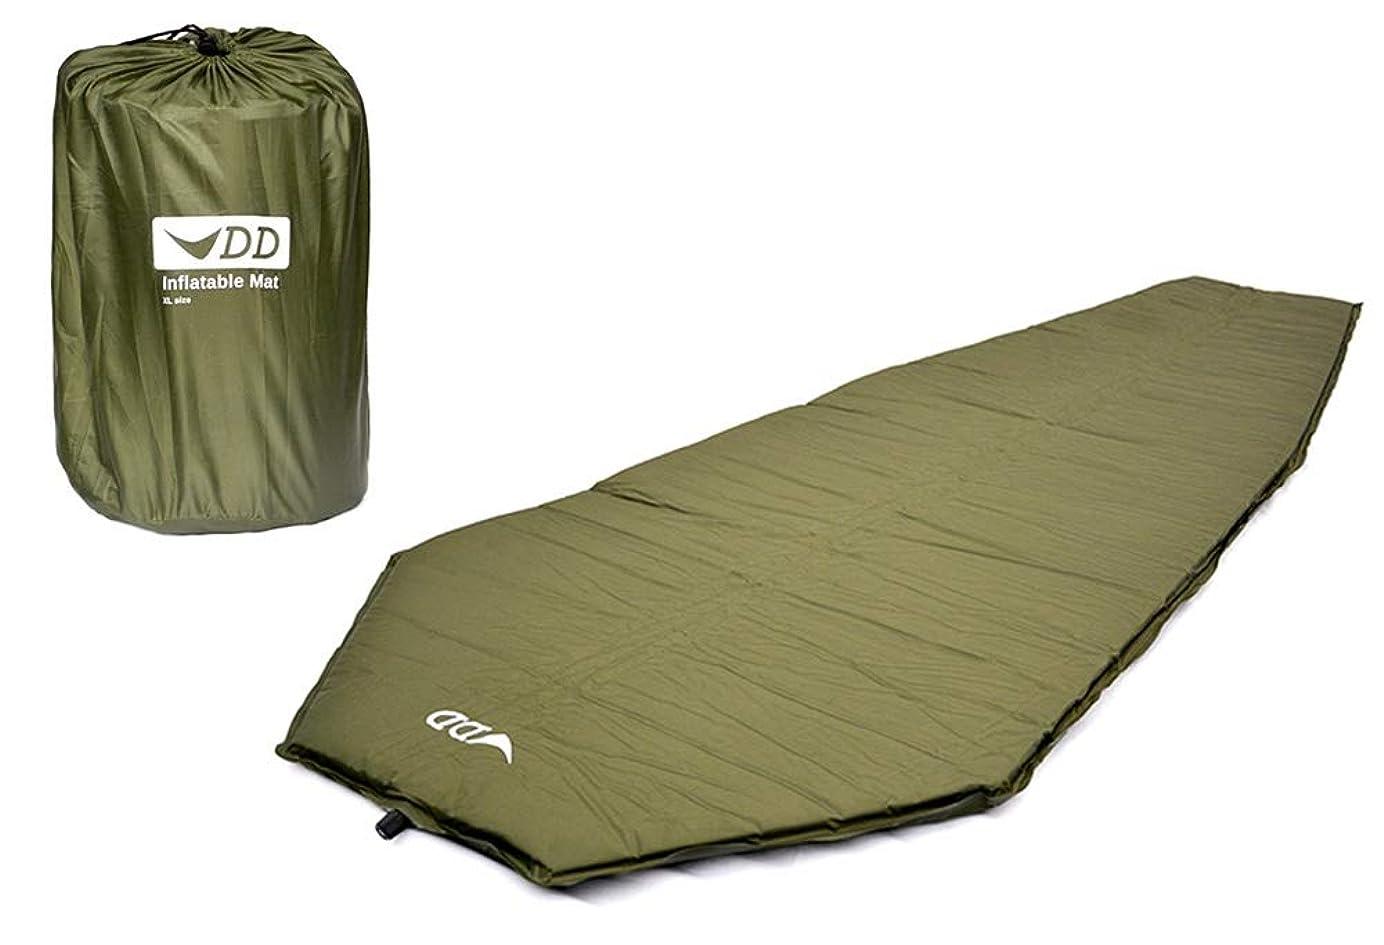 根拠祈る経由でDD Inflatable Mat インフレータブルマット レギュラーサイズ 自動膨張 ハンモック用 断熱パッド